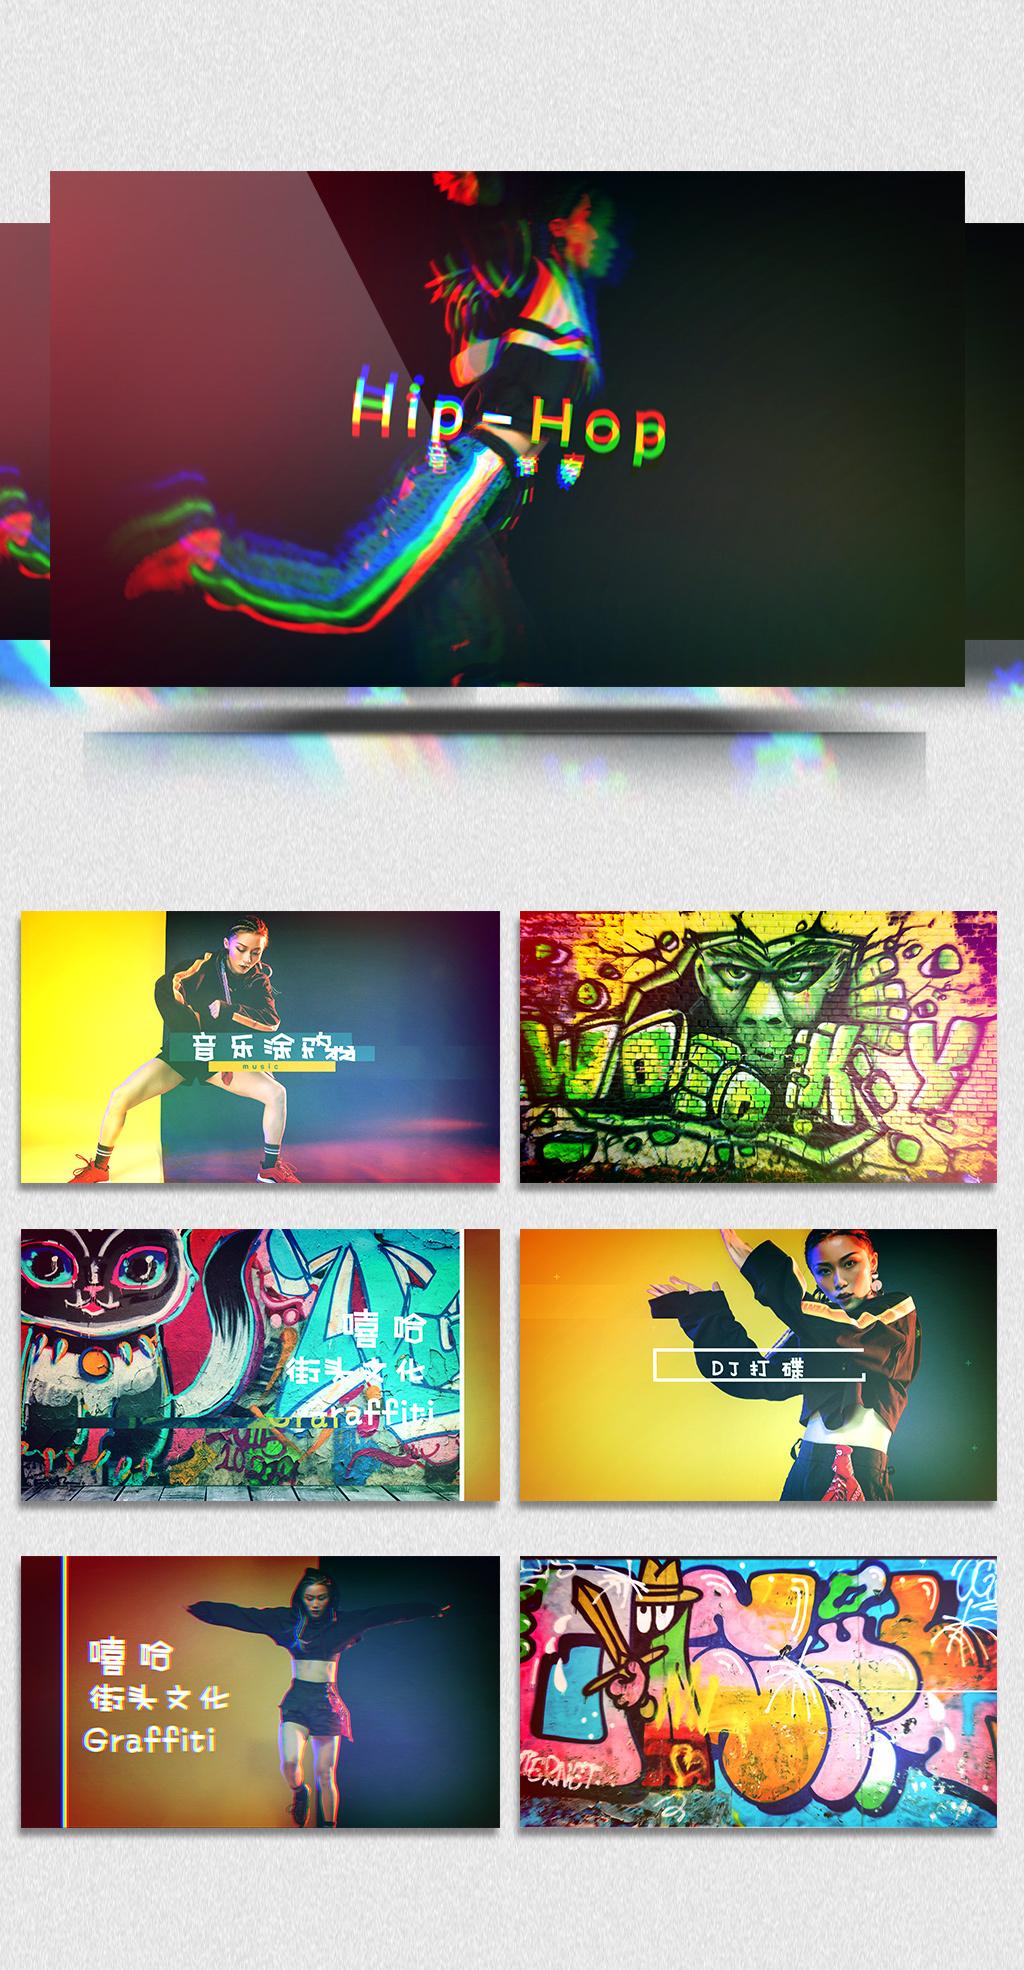 hippop街头命令用户视频艺术音乐街舞如何用文化禁用嘻哈图片